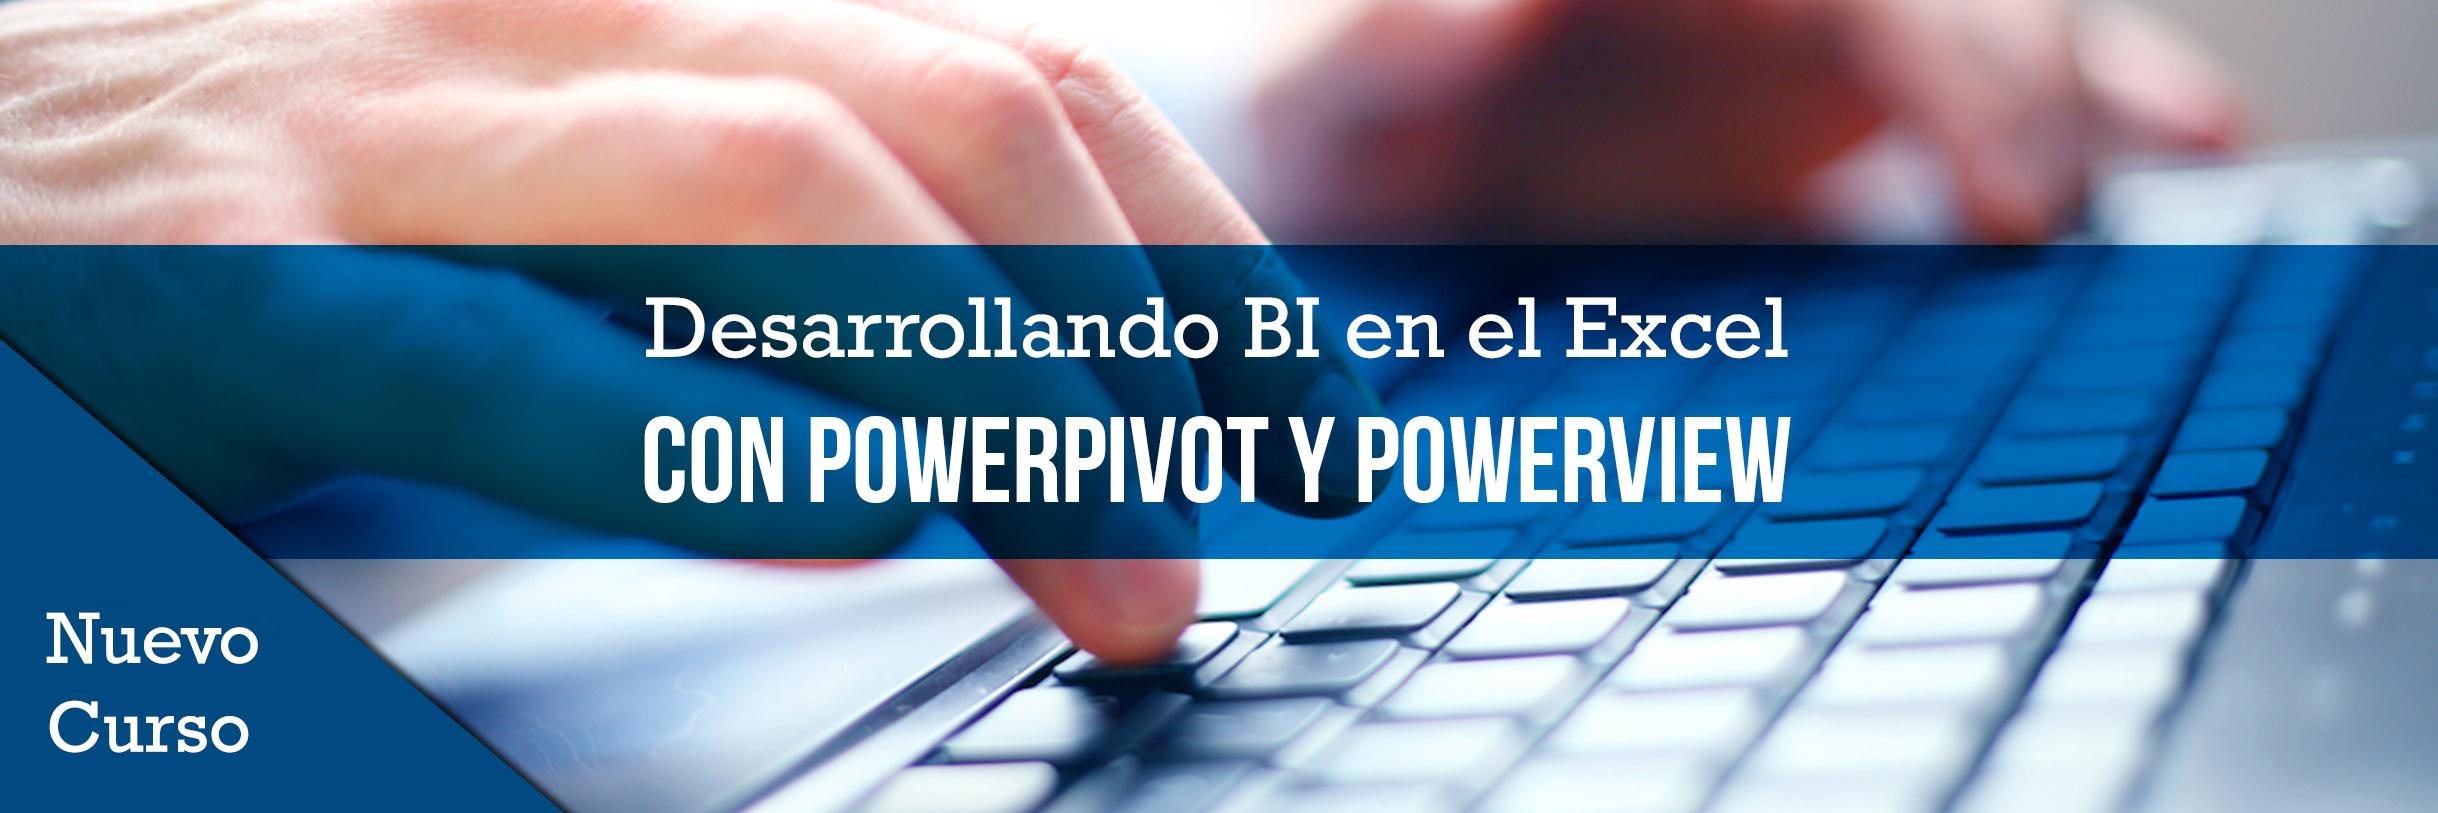 Bh desarrollando bi en el excel con powerpivot y powerview  1